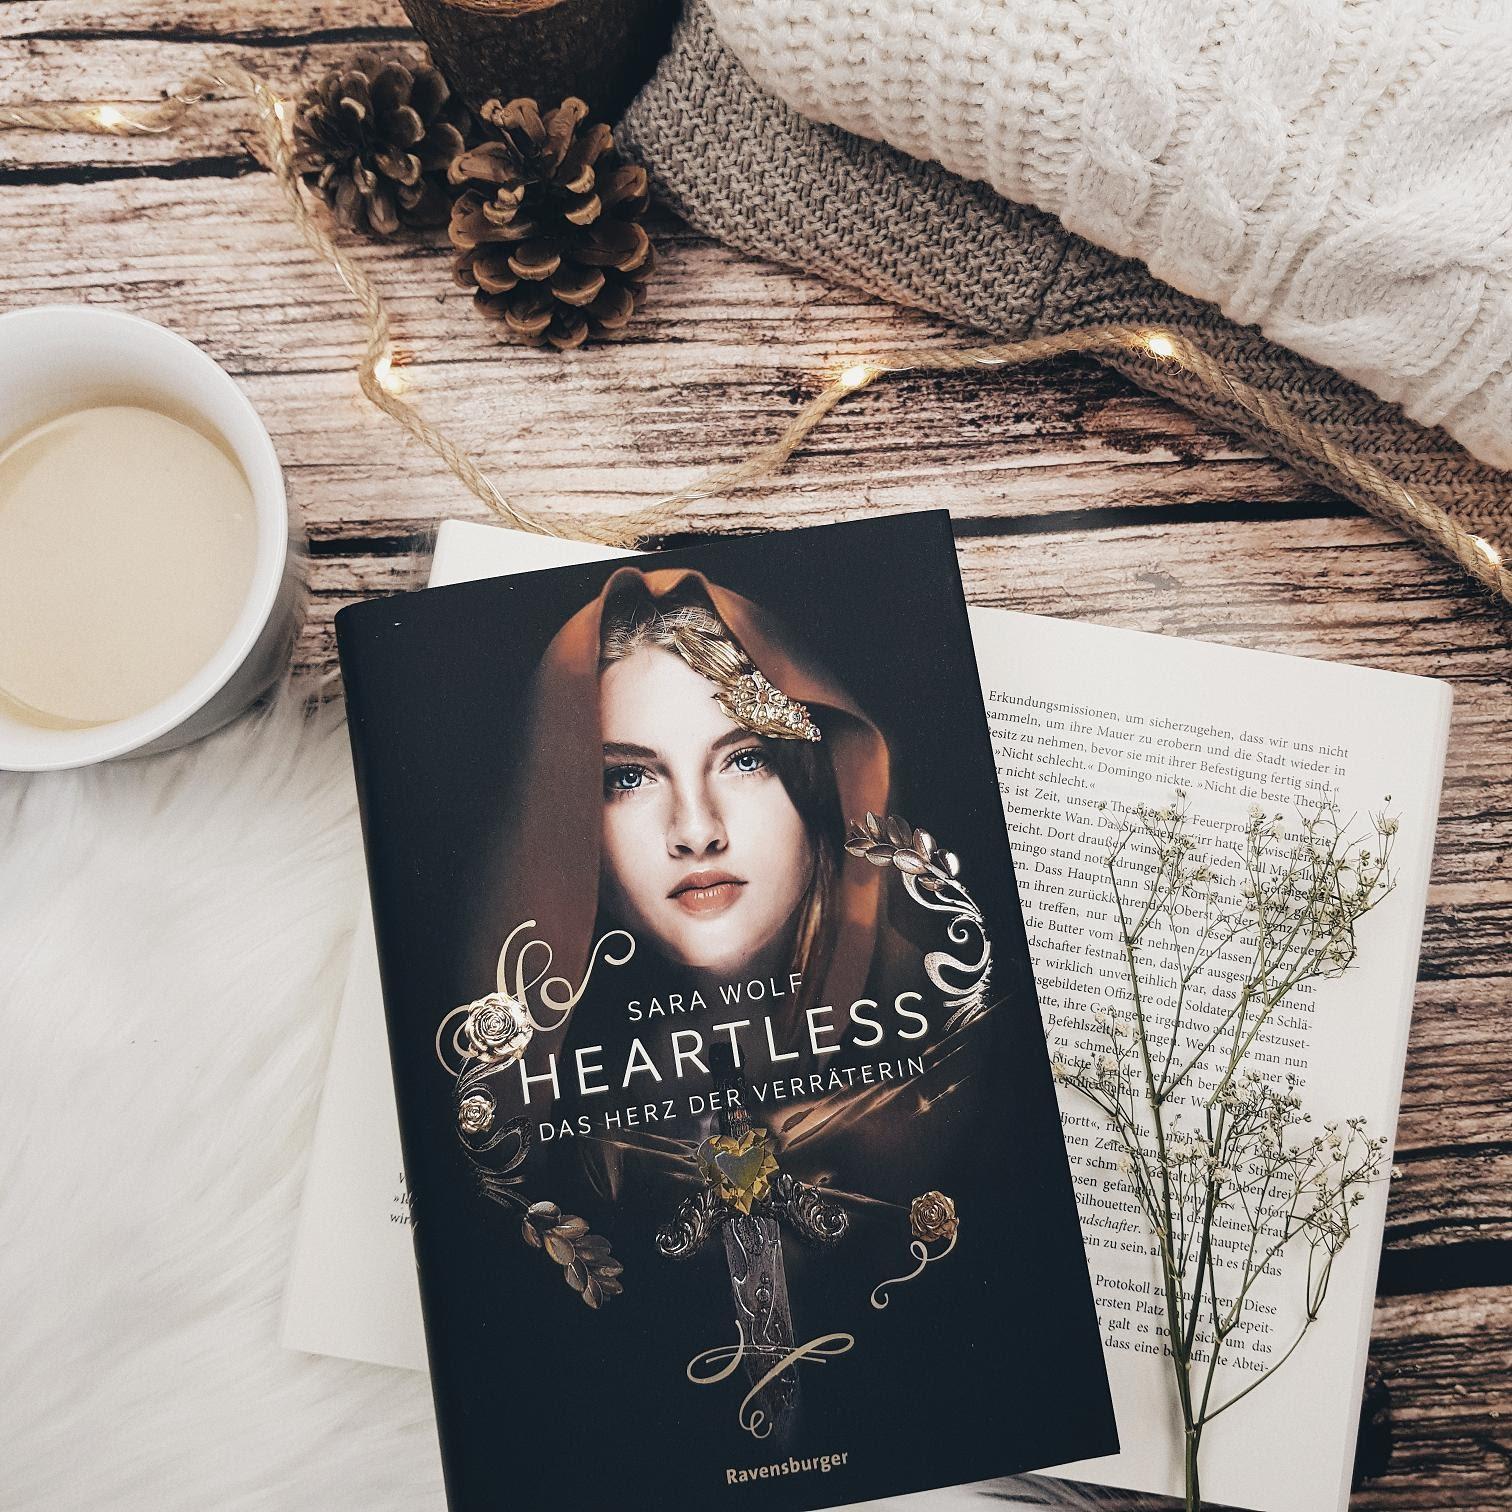 Bücherblog. Rezension. Buchcover. Heartless - Das Herz der Verräterin (Band 2) von Sara Wolf. Fantasy. Jugendbuch. Ravensburger.